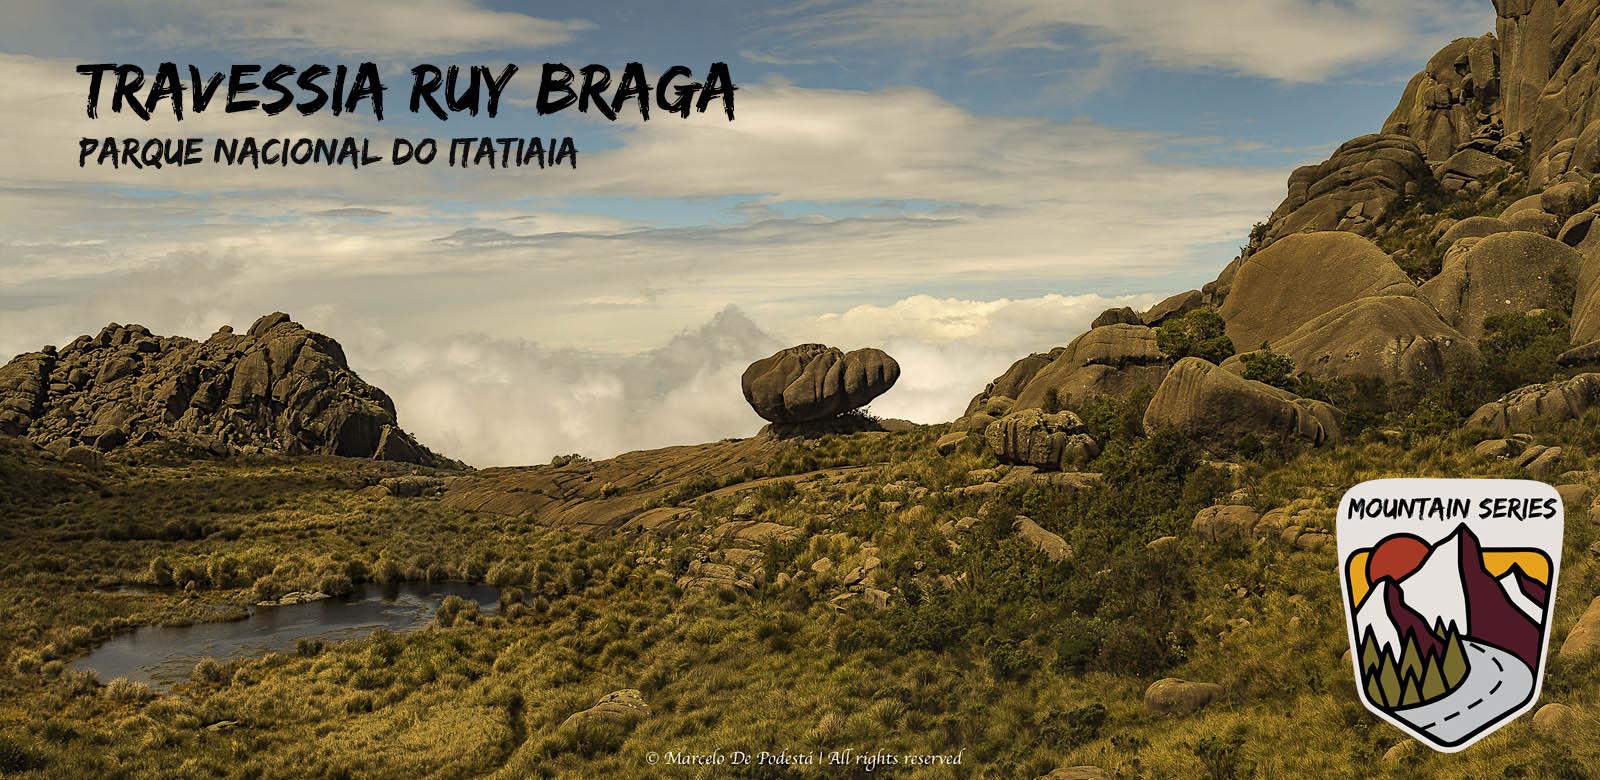 Parque Nacional do Itatiaia